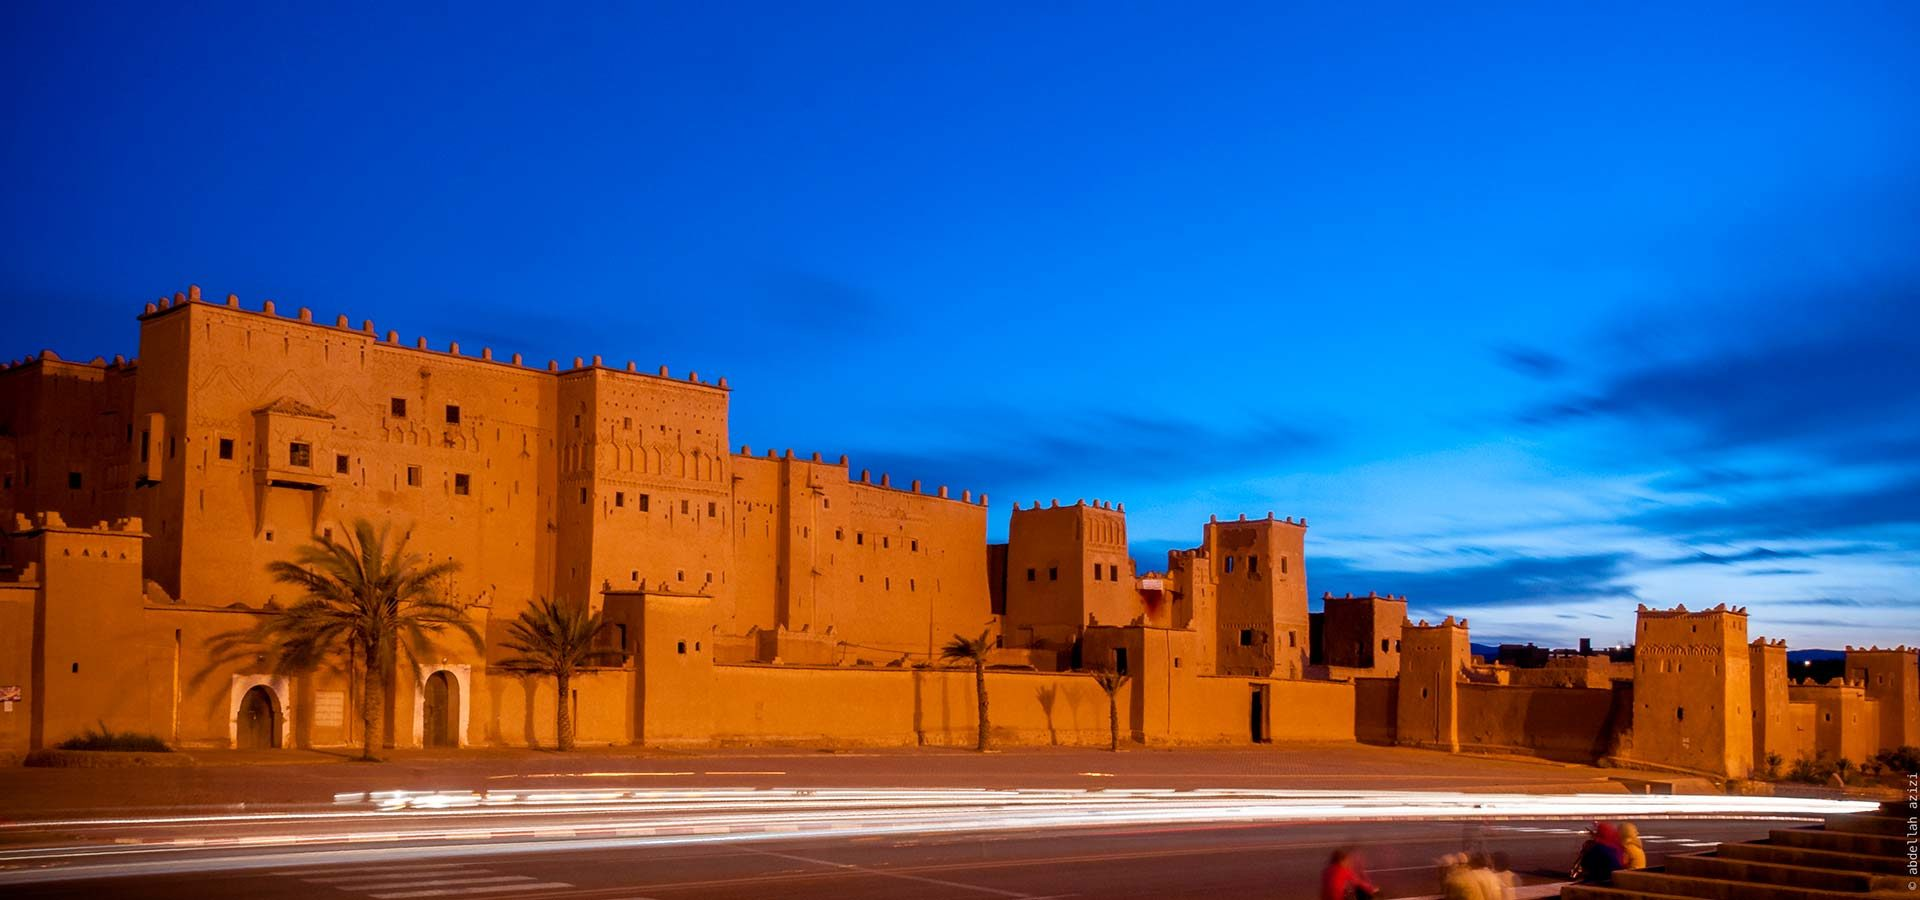 Taourirte est la médina ancienne de Ouarzazate, fief des anciens caïds Glaoui et aujourd'hui lieu mémoire du territoire